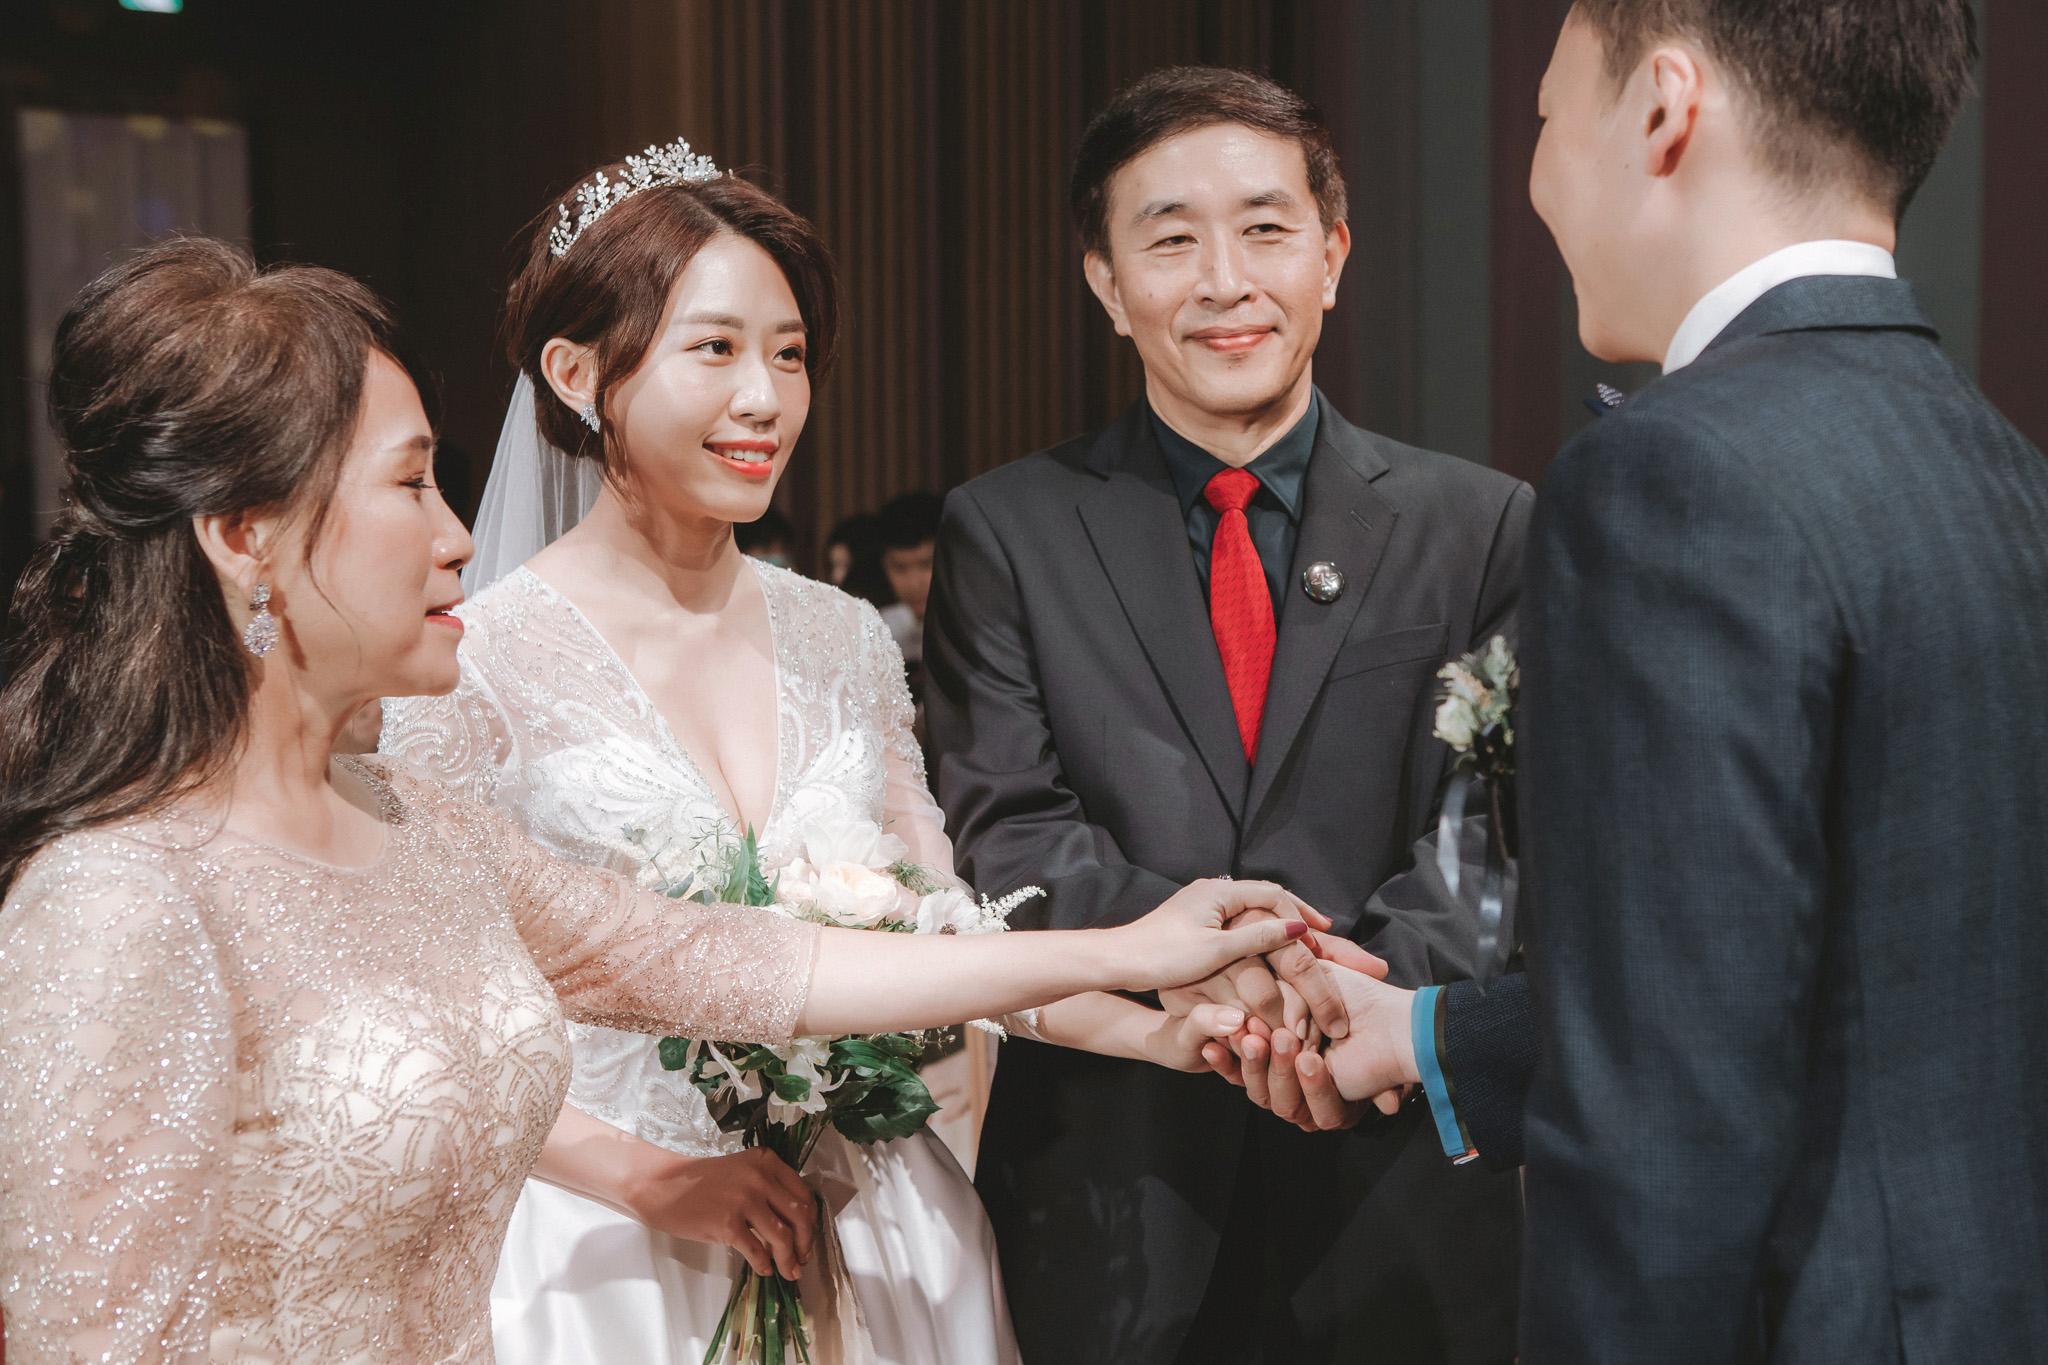 EW 居米 台北婚宴 台北婚紗 台北婚攝 國泰萬怡 台北婚禮 -27